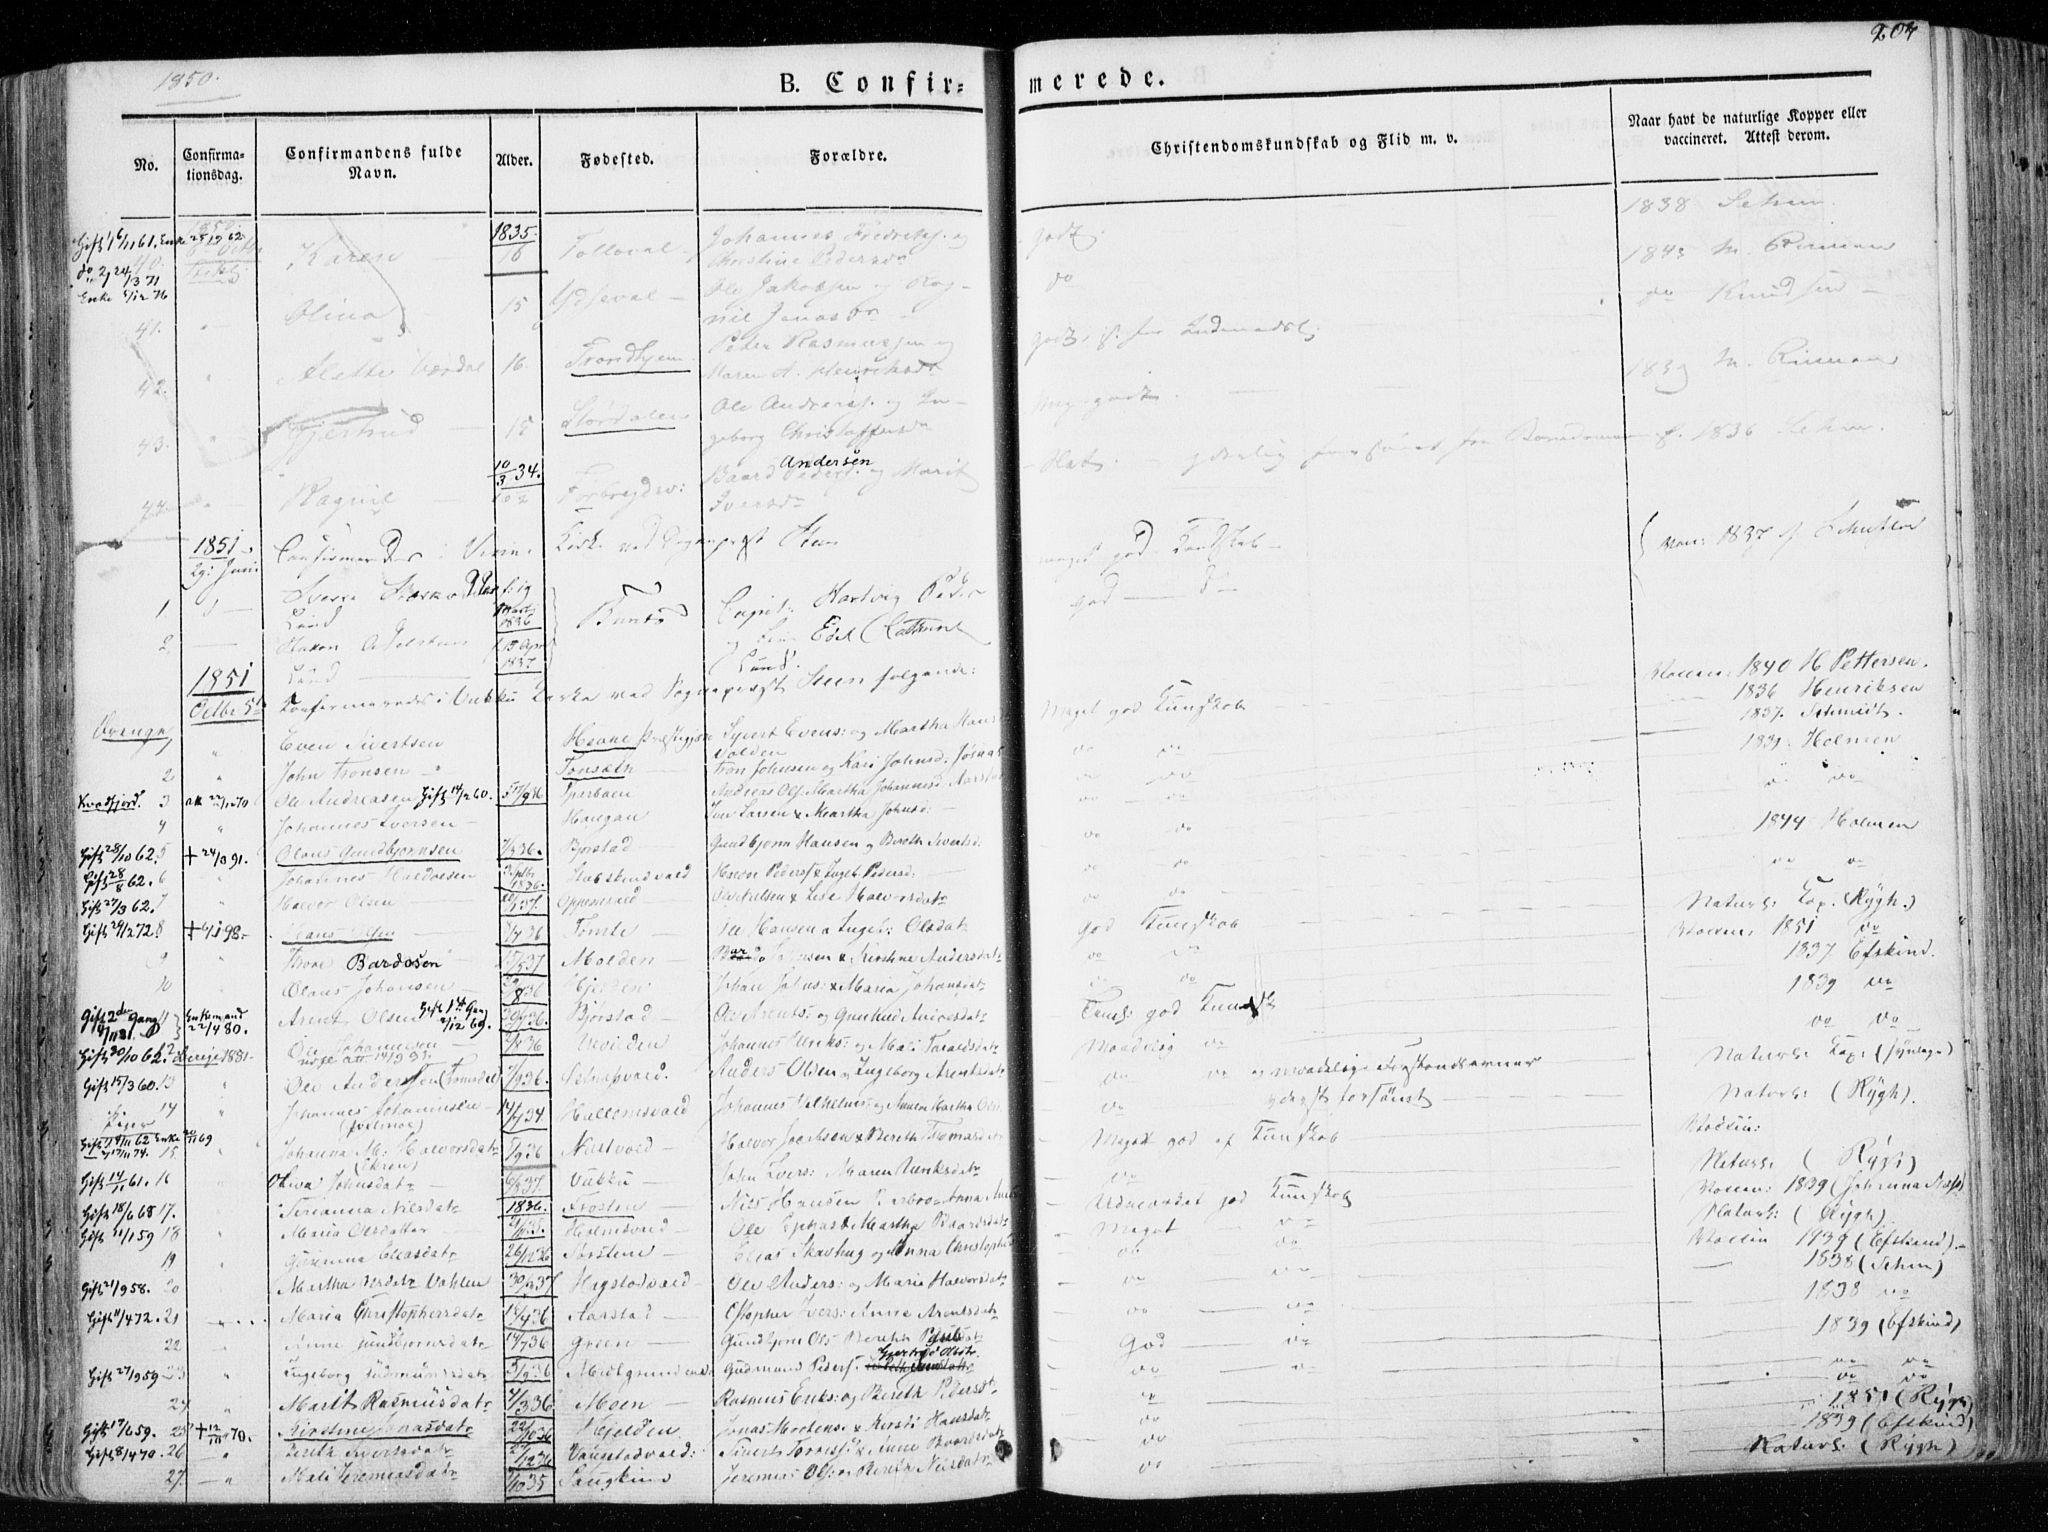 SAT, Ministerialprotokoller, klokkerbøker og fødselsregistre - Nord-Trøndelag, 723/L0239: Ministerialbok nr. 723A08, 1841-1851, s. 204